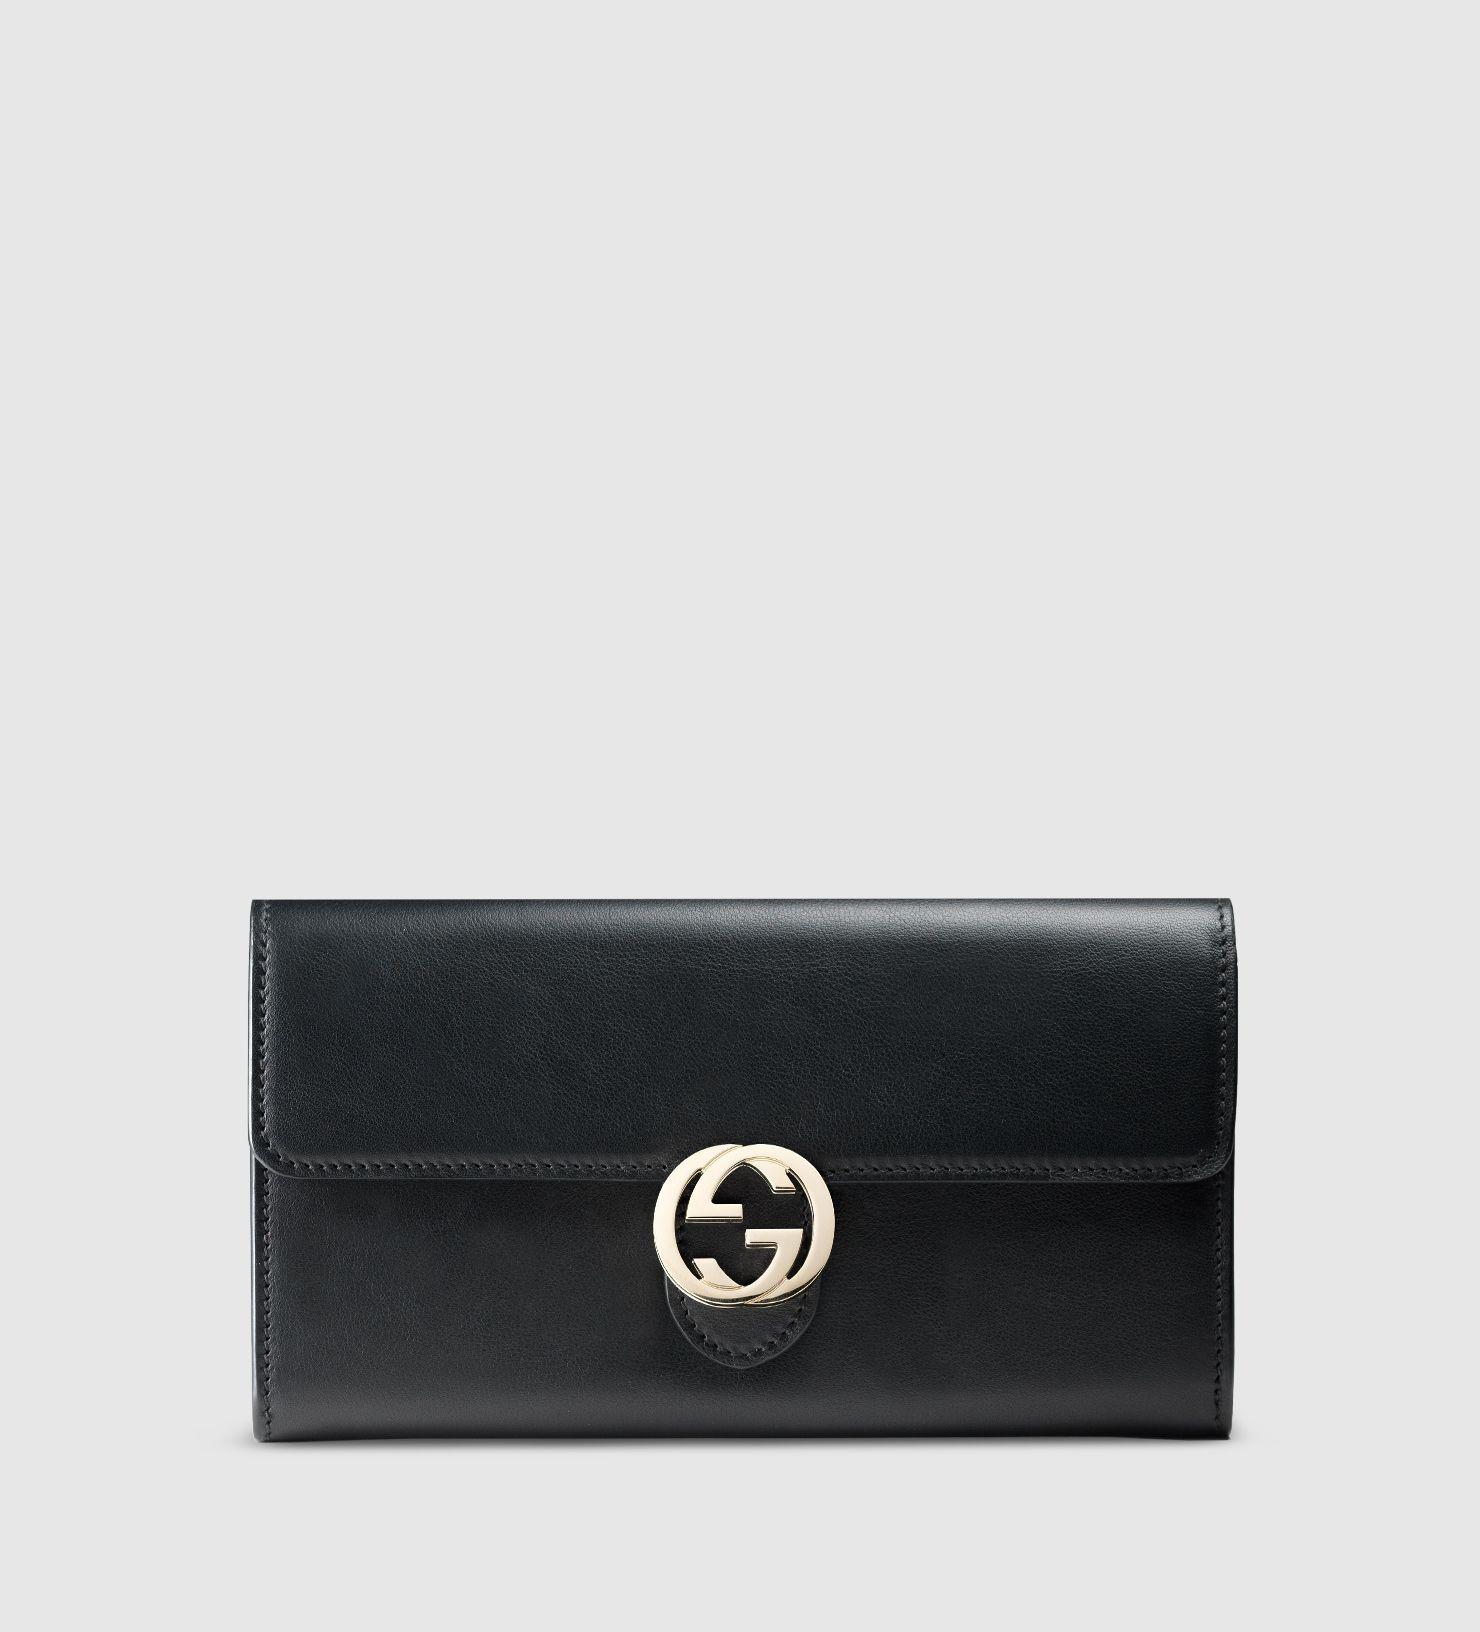 e7894b0903eb gucci icon leather continental wallet   The look!   Gucci, Gucci ...